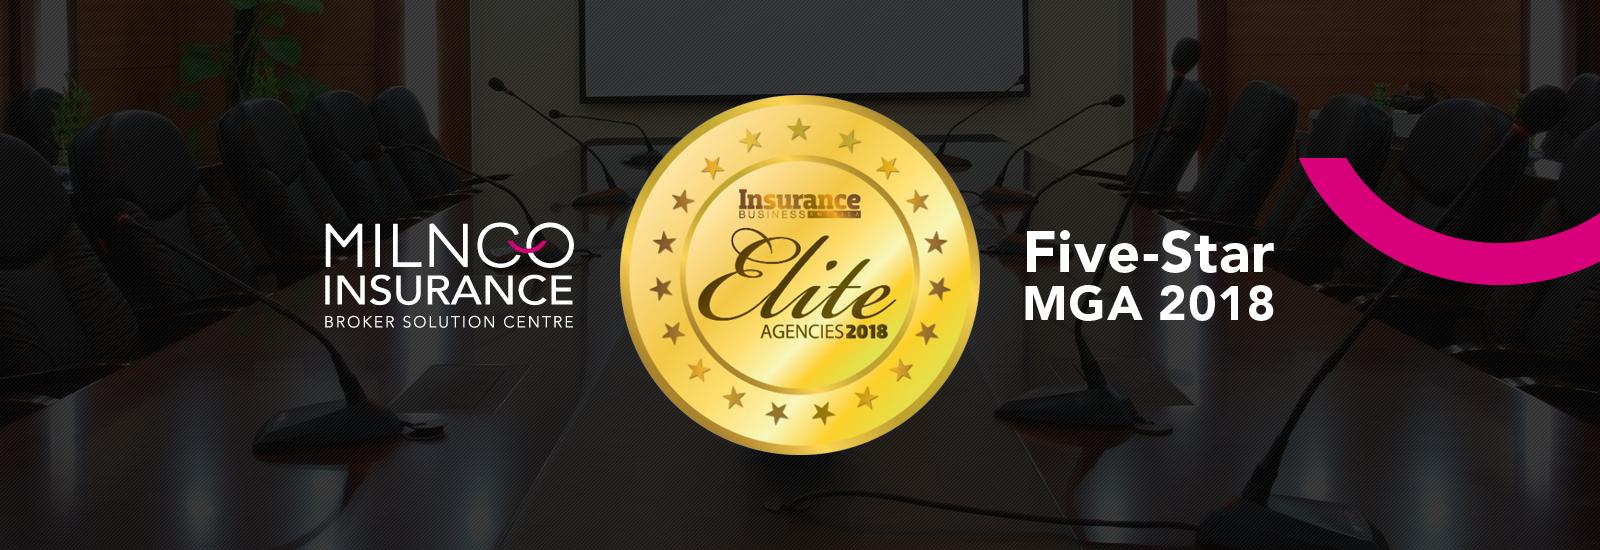 Five Star MGA 2018